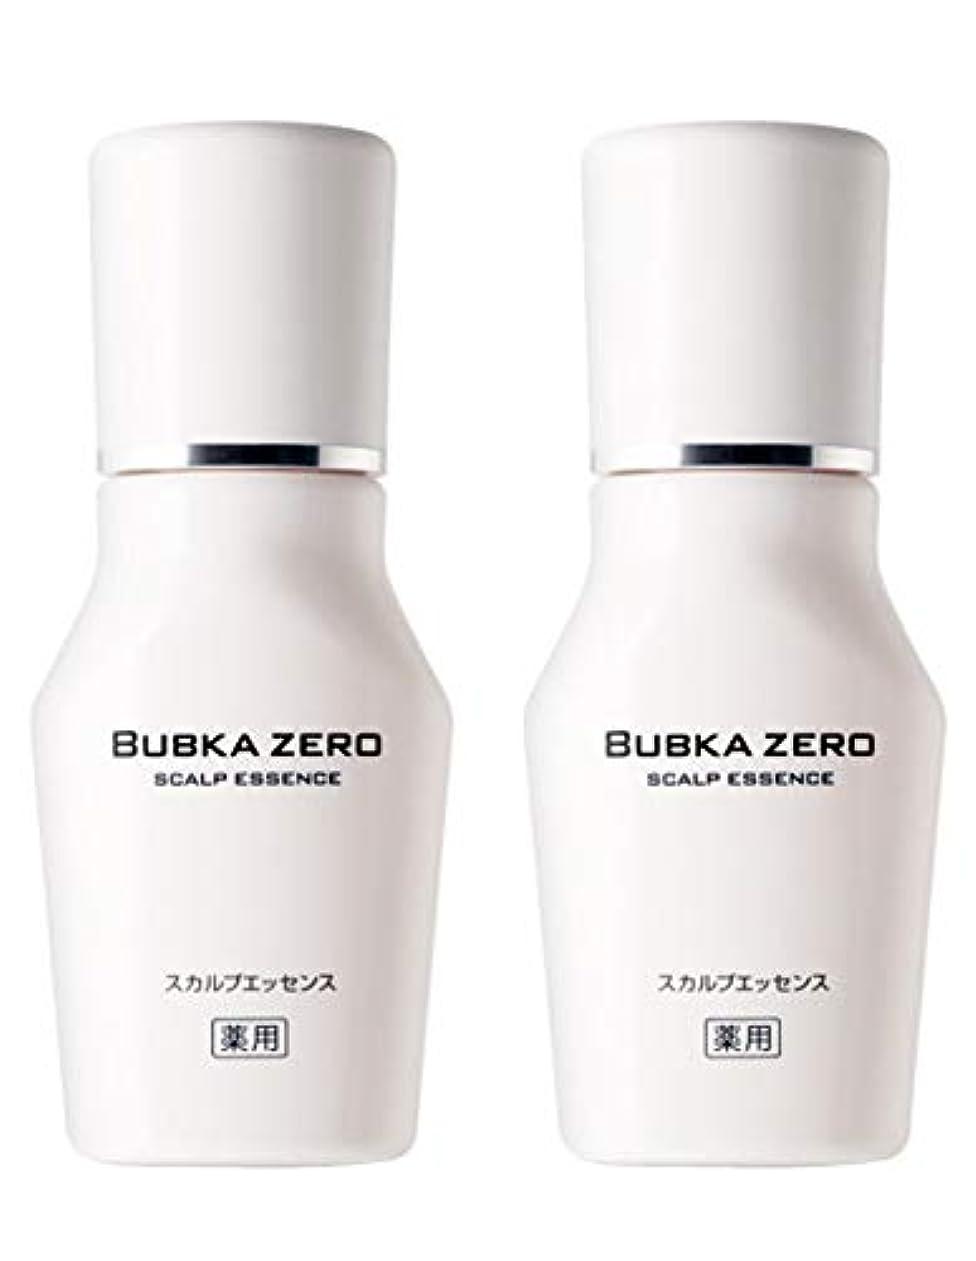 口実軍弾薬【医薬部外品】BUBKA(ブブカ)薬用 スカルプエッセンス 育毛剤 BUBKA ZERO (ブブカ ゼロ)2本セット